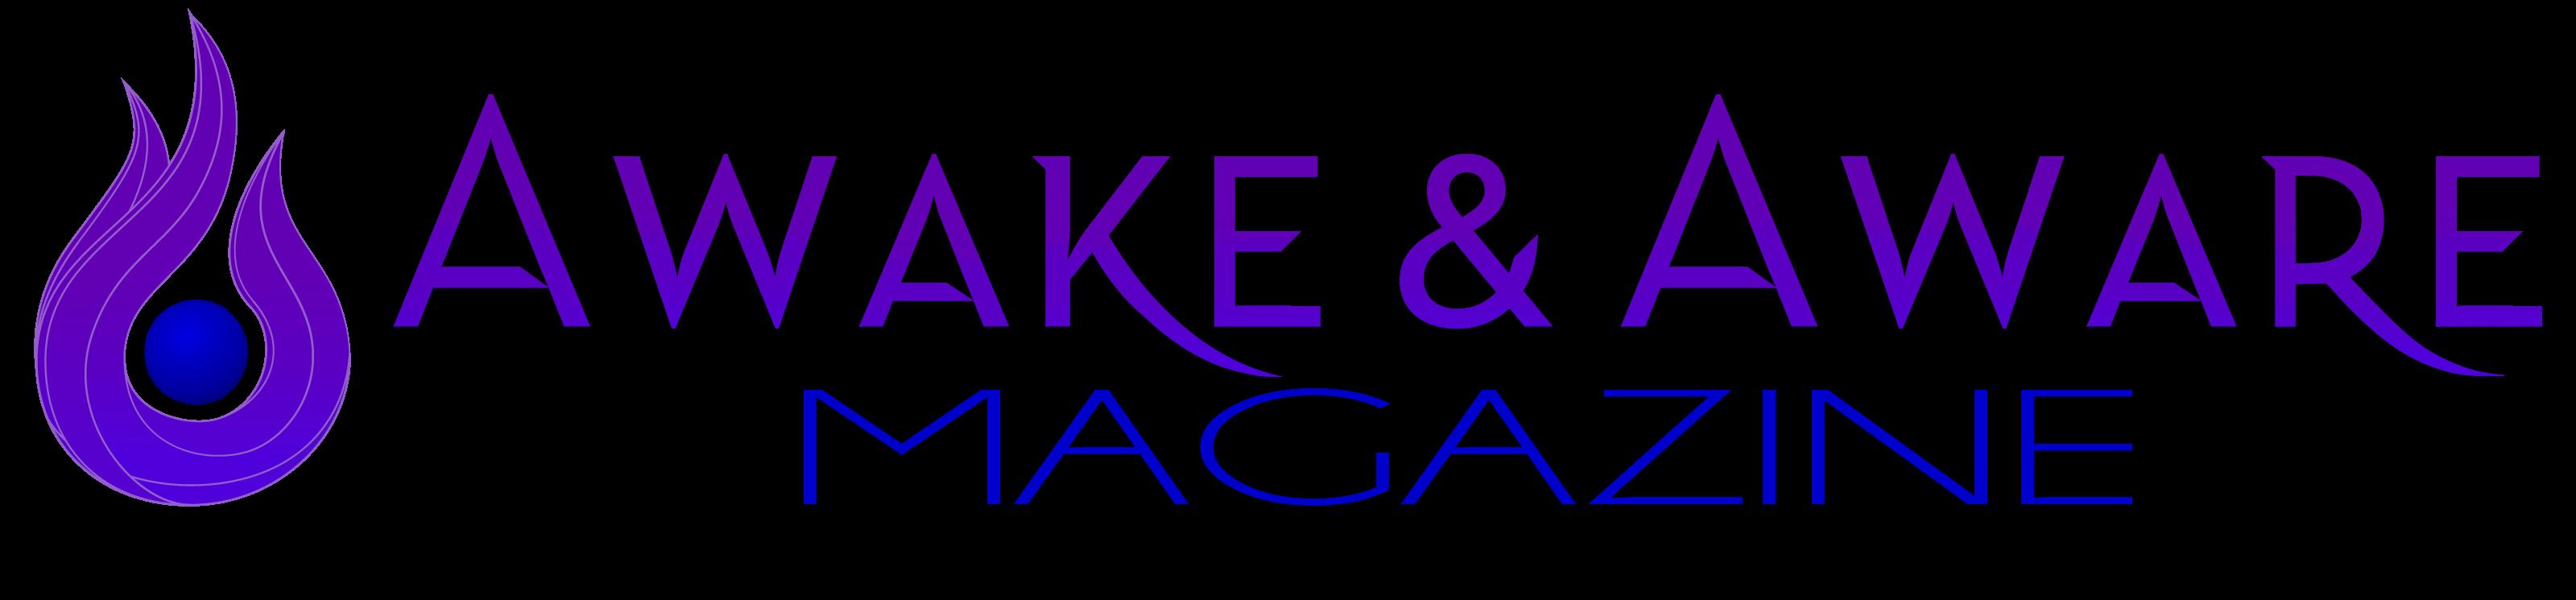 Awake & Aware Magazine